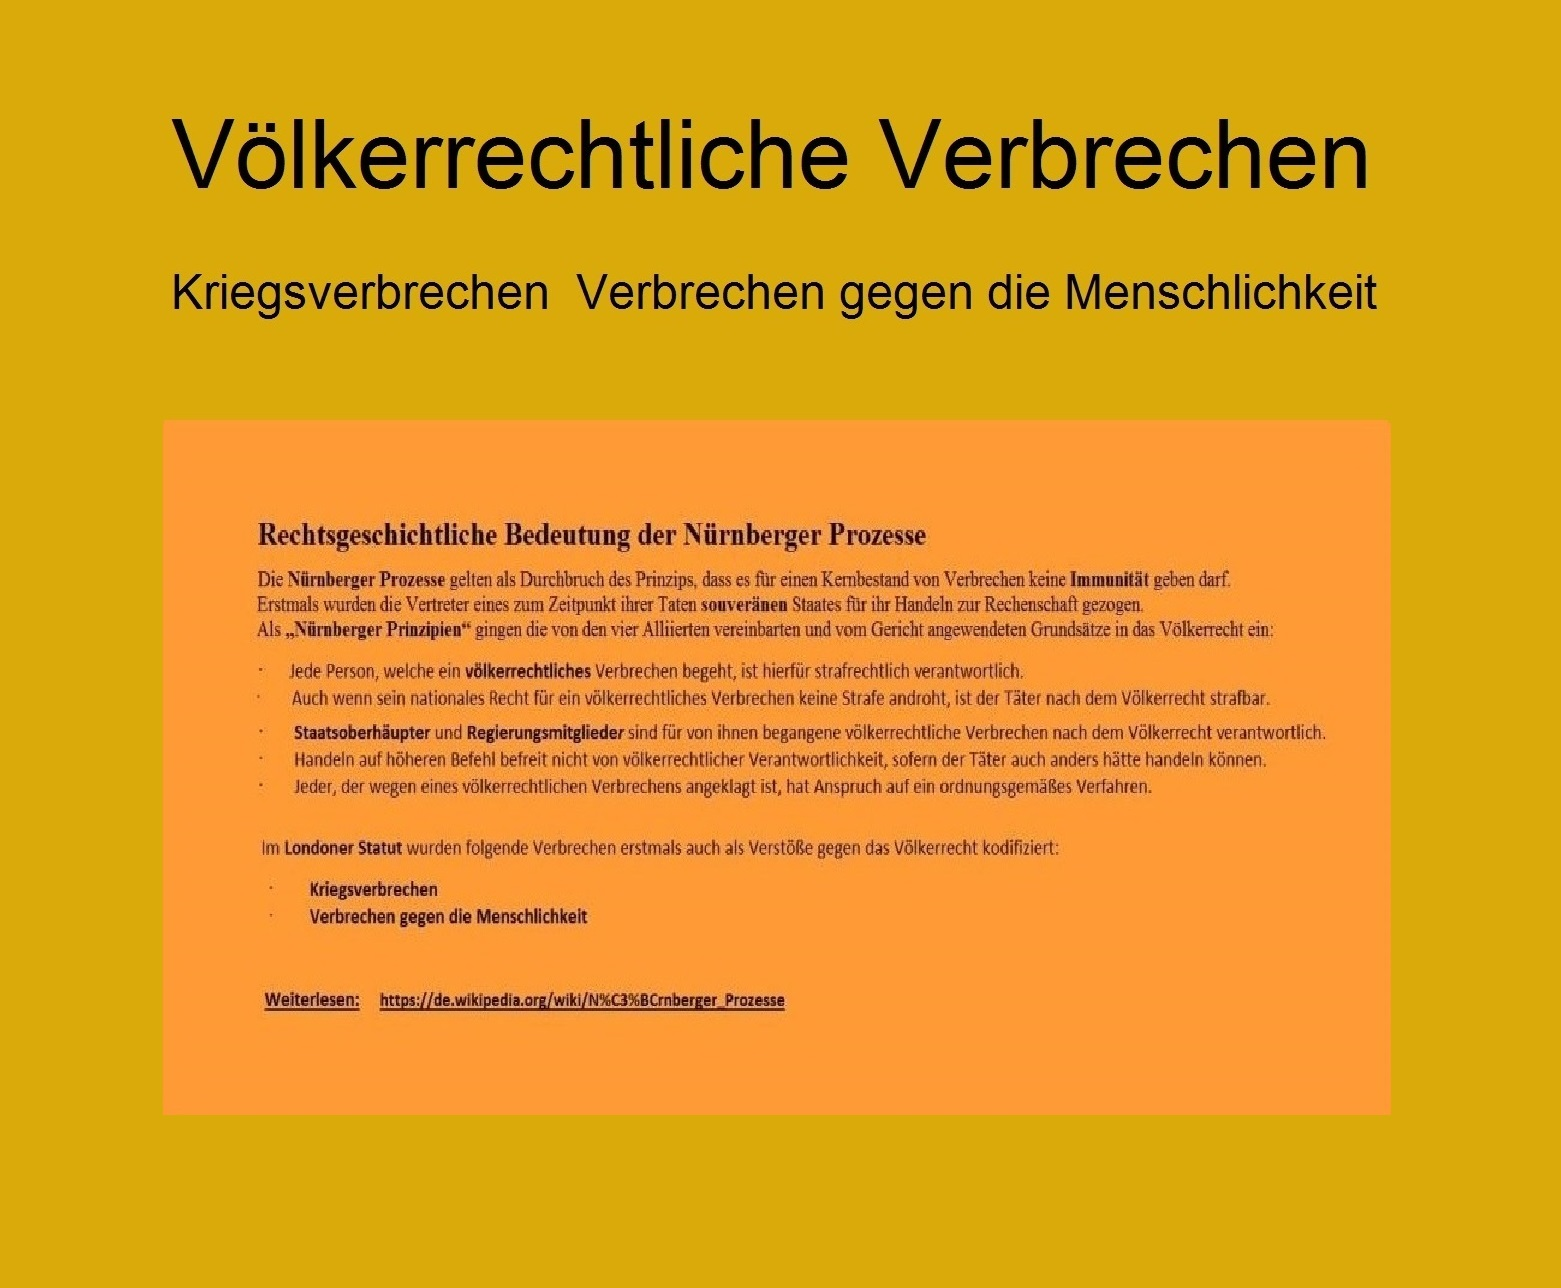 Völkerrechtliche Bedeutung der Nürnberger Prozesse. Weiterlesen: https://de.wikipedia.org/wiki/N%C3%BCrnberger_Prozesse